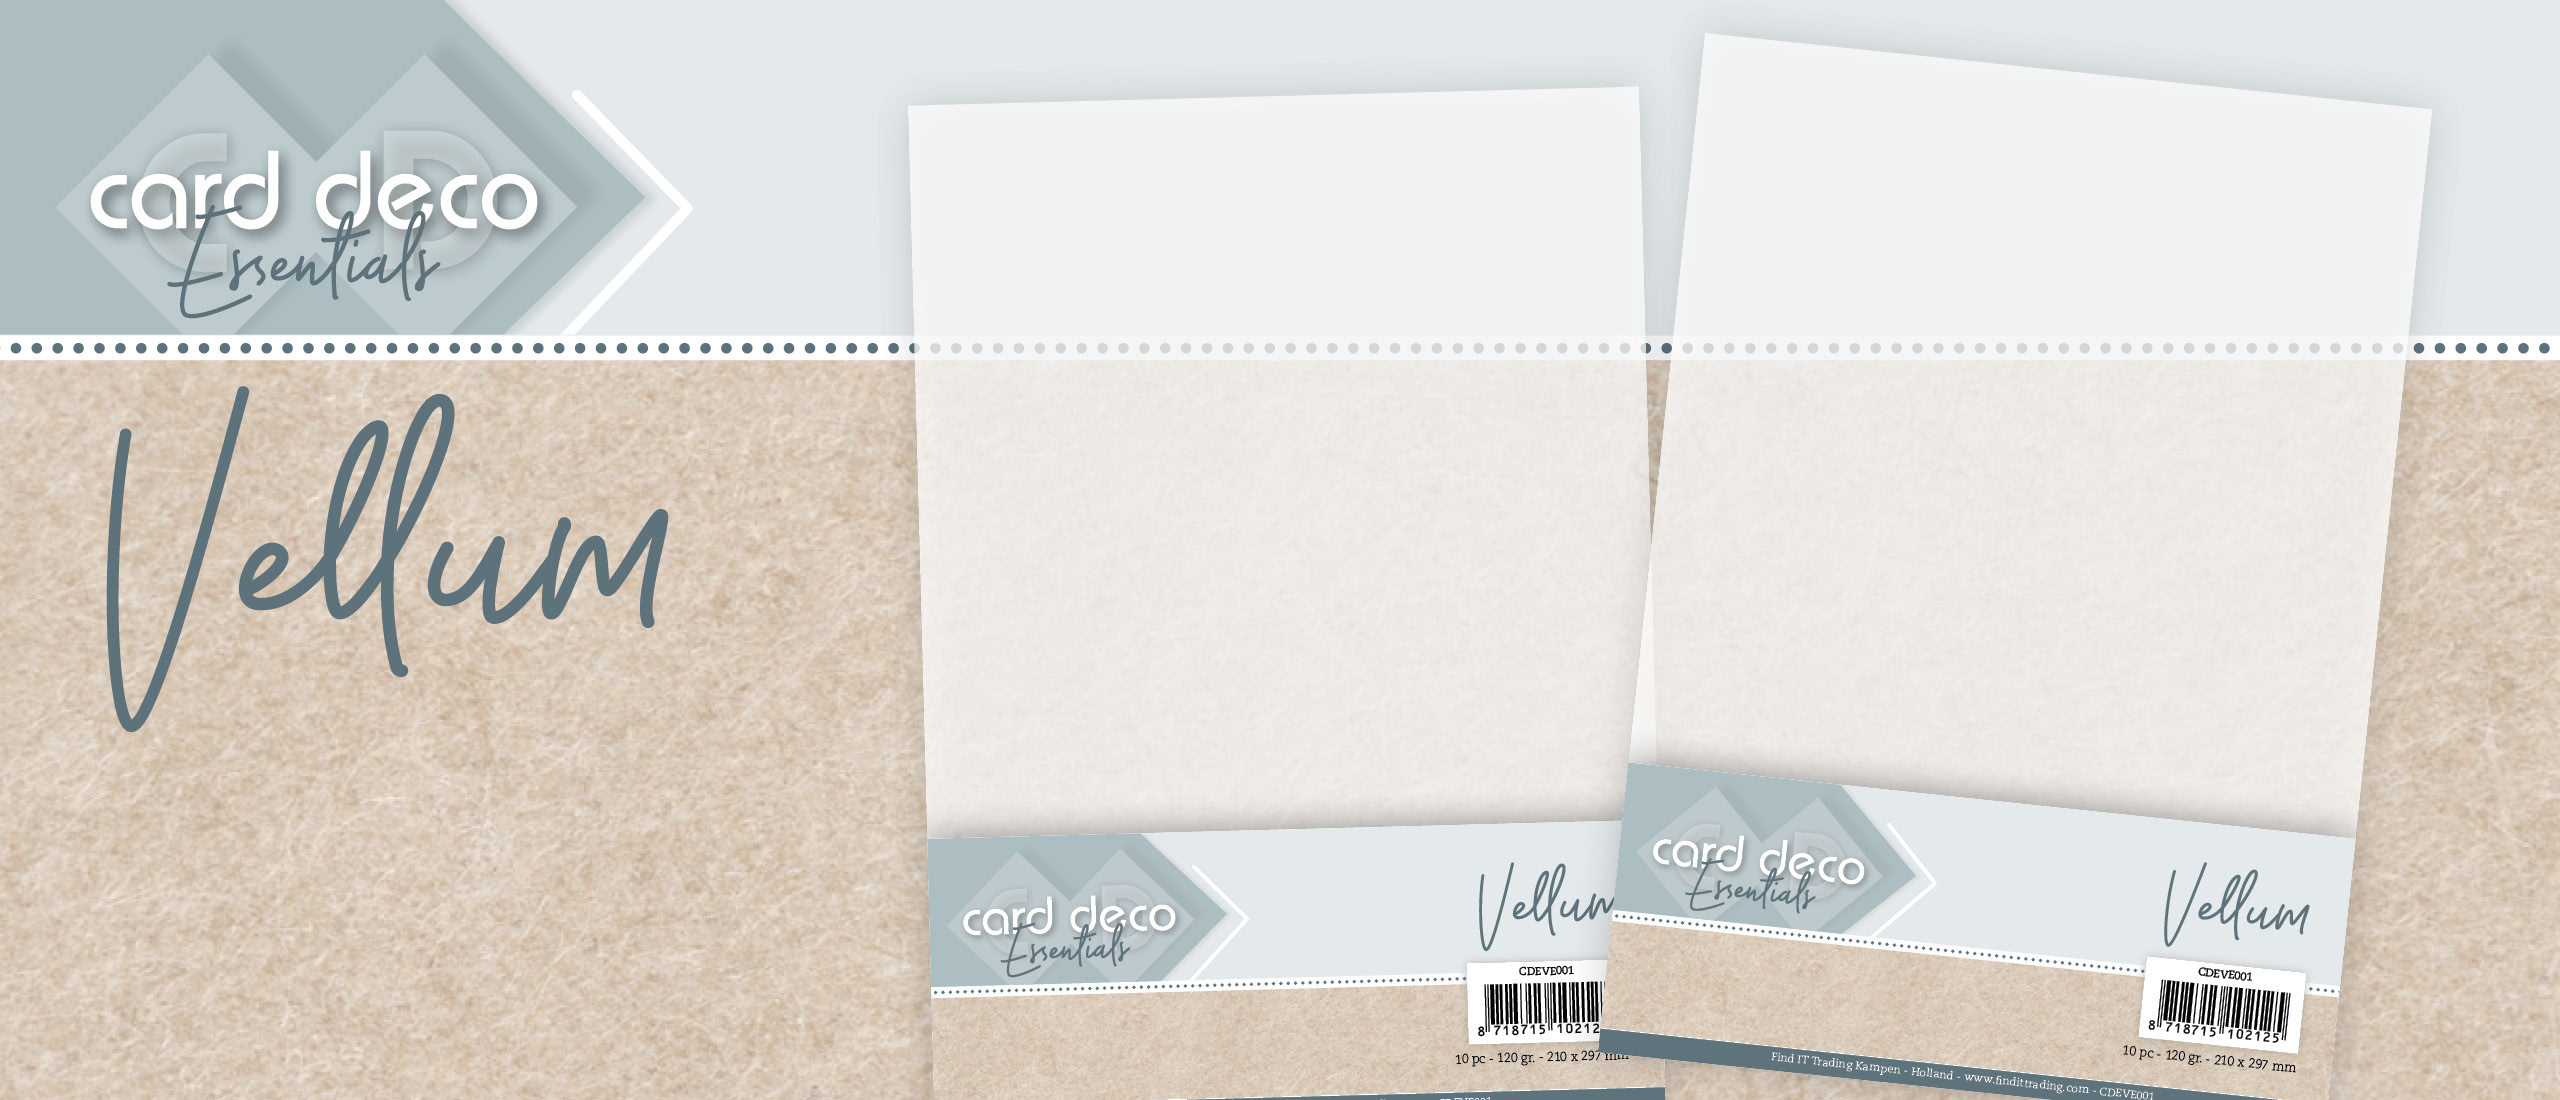 Vellum A4 van Card Deco Essentials